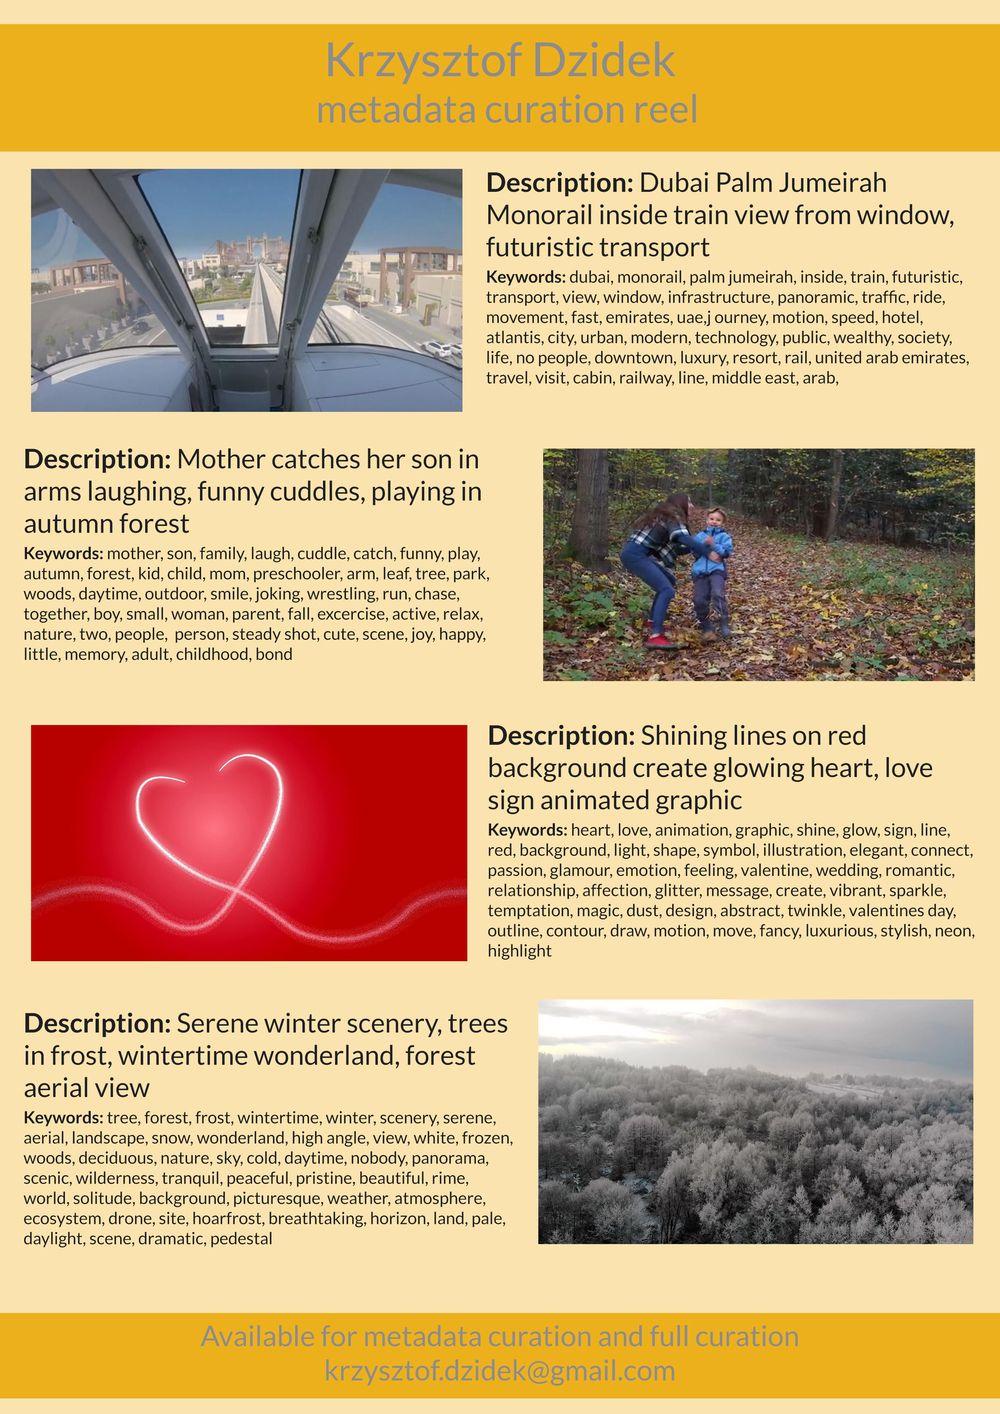 Krzysztof Dzidek - image 1 - student project